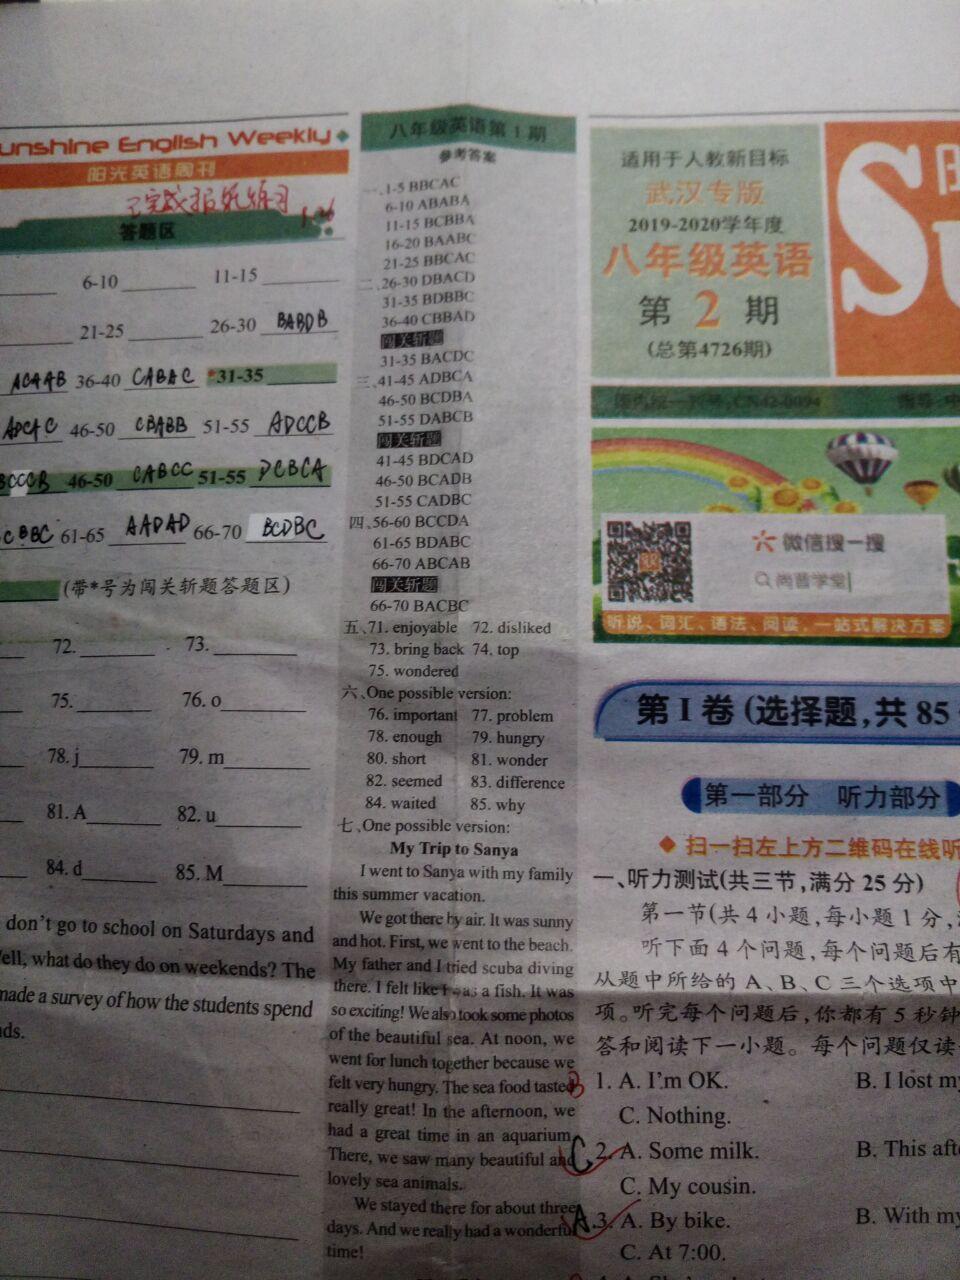 2019年阳光英语周刊八年级上册人教版武汉专版第1页